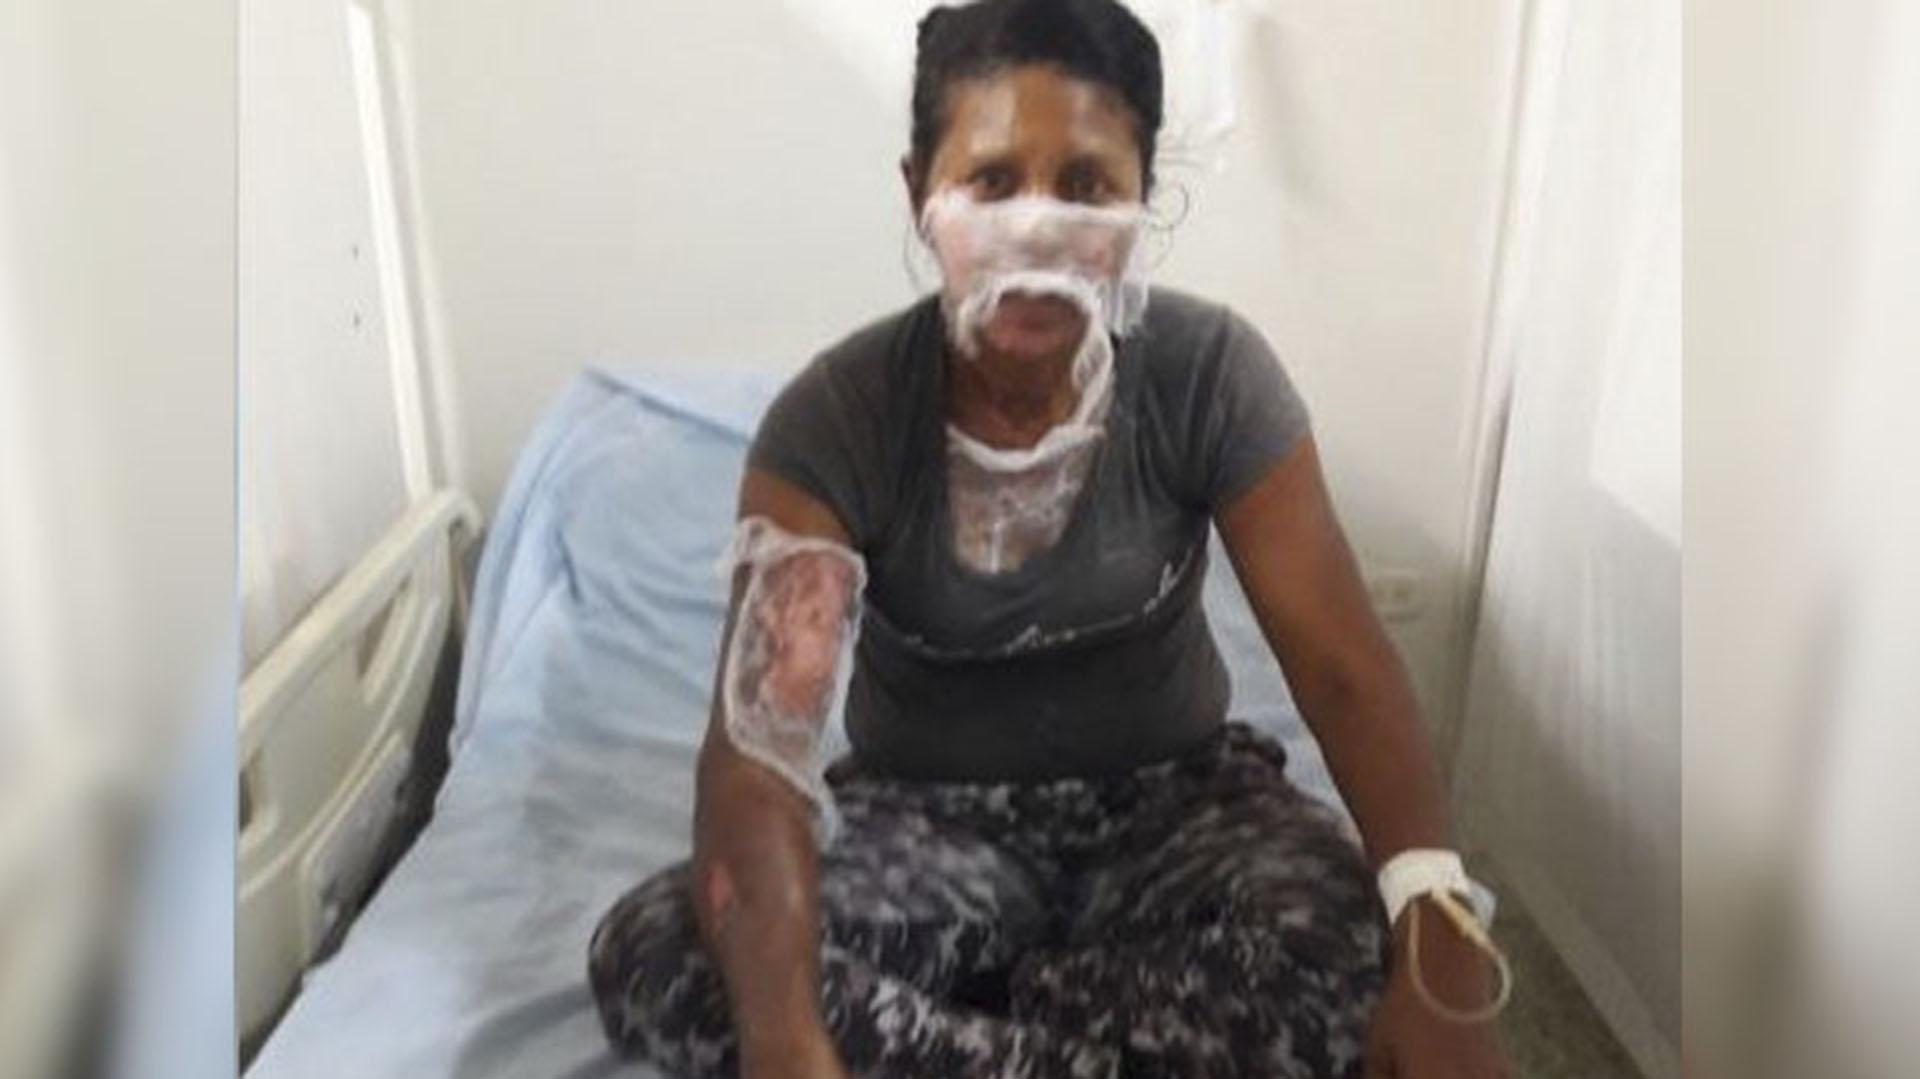 Nelvis María Rivera Padilla, de 36 años, sufrió quemaduras de segundo grado en varias partes de su cuerpo.